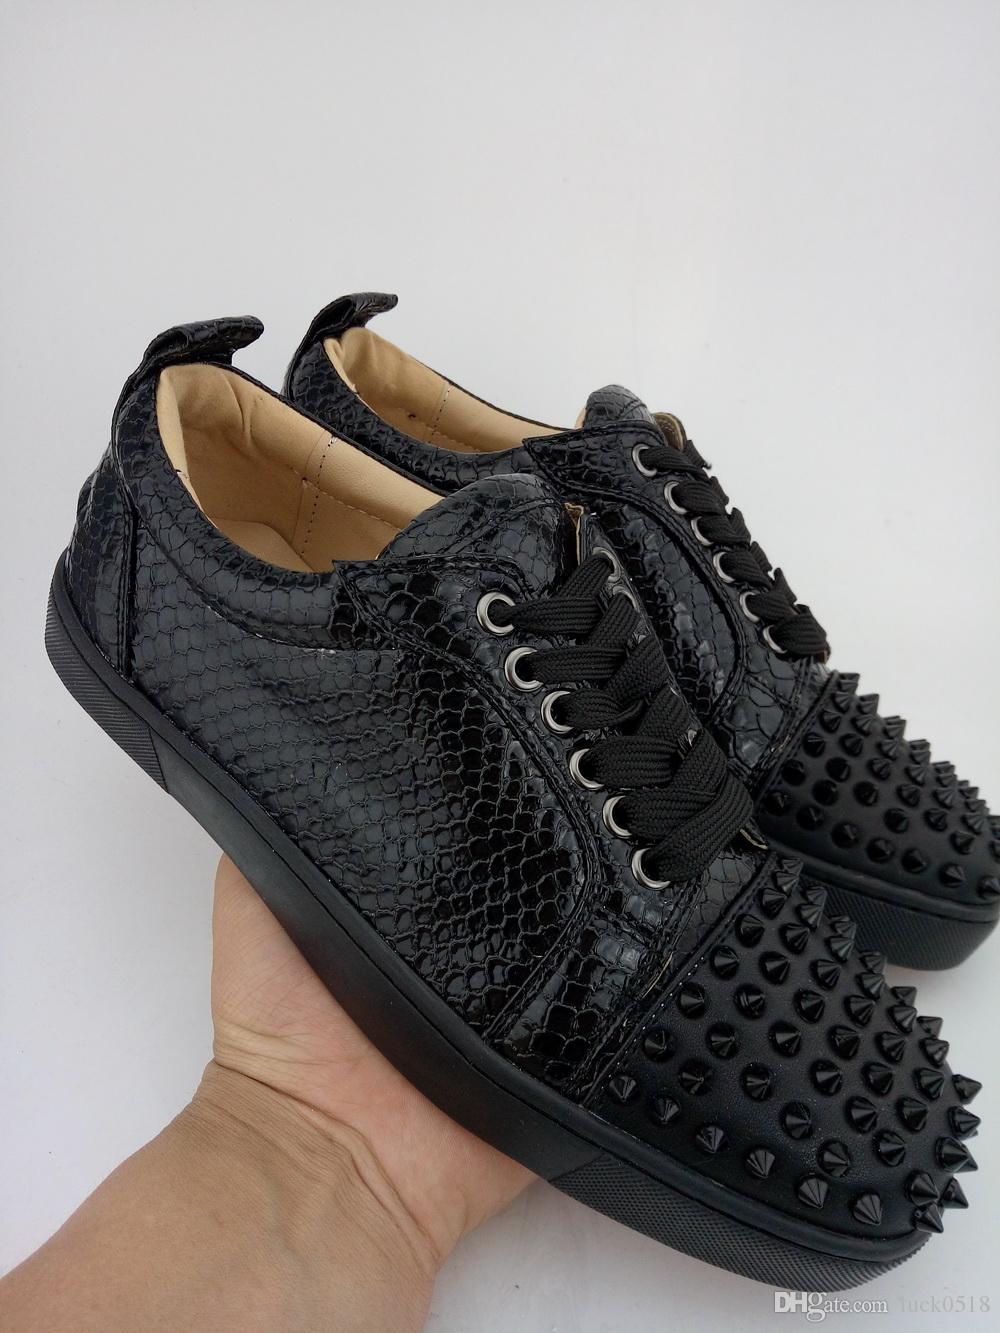 5bc8c5cff6f Compre Zapatos De Cuero Negros Inferiores De Python Para Hombres Zapatos De  Deporte De Corte Bajos Zapatillas De Deporte De Piel De Serpiente Para  Hombres ...